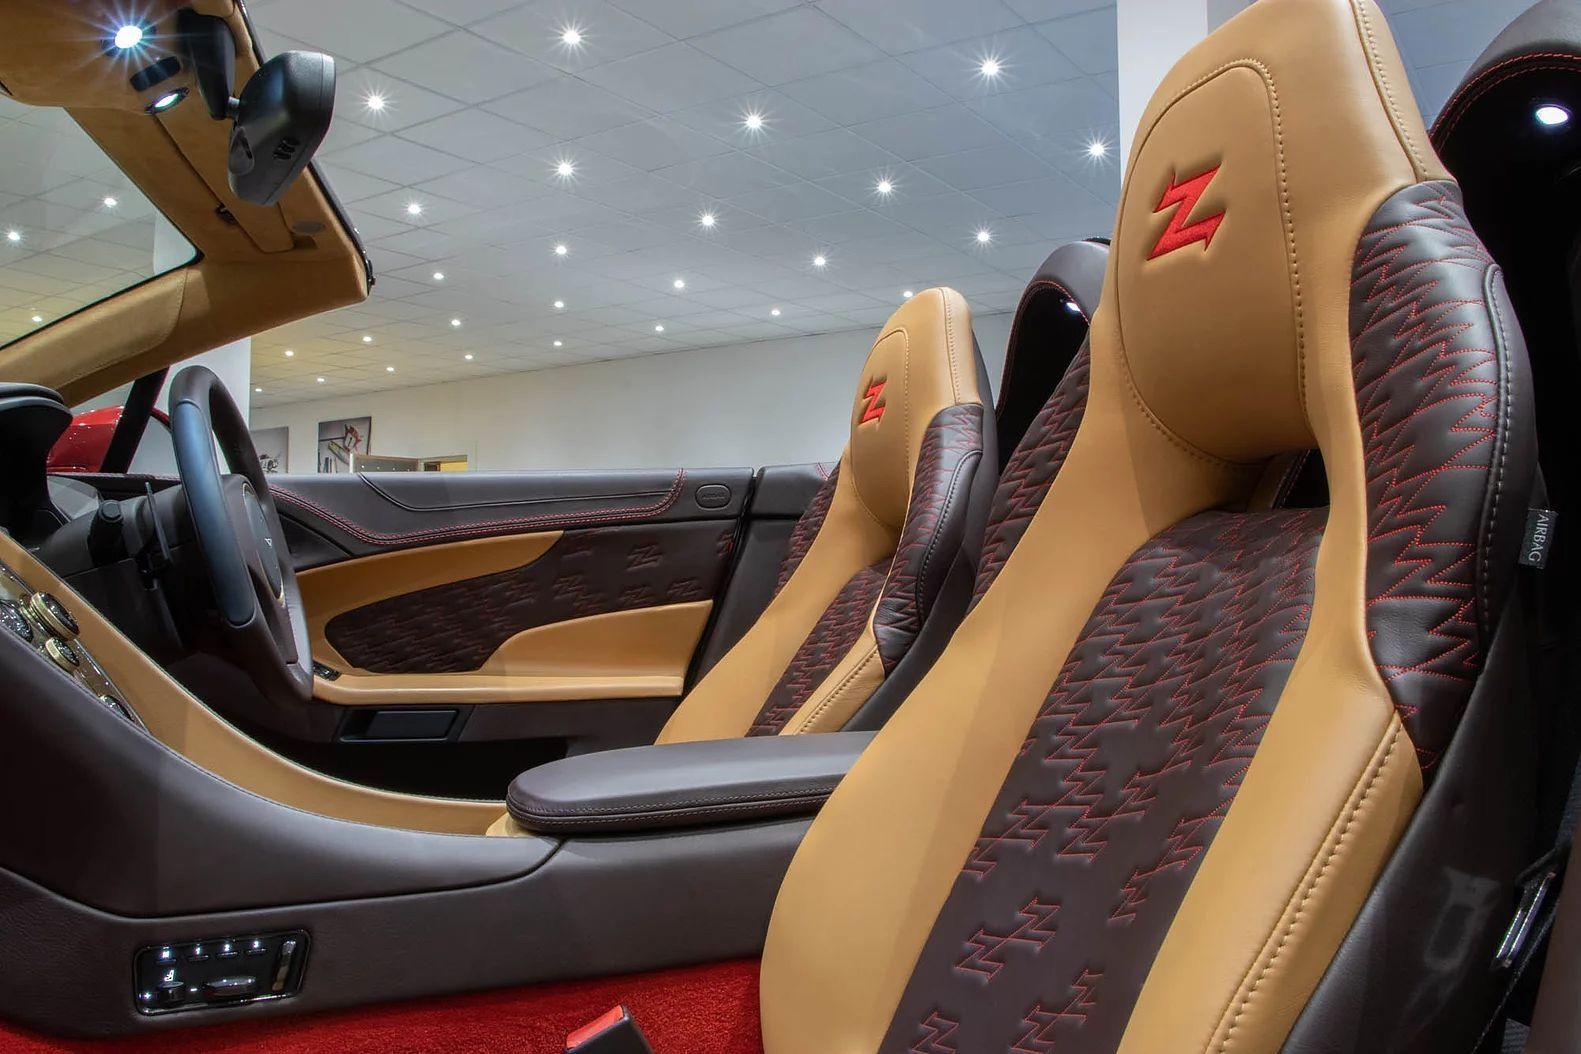 Aston_Martin_Vanquish_Speedster_sale-0011